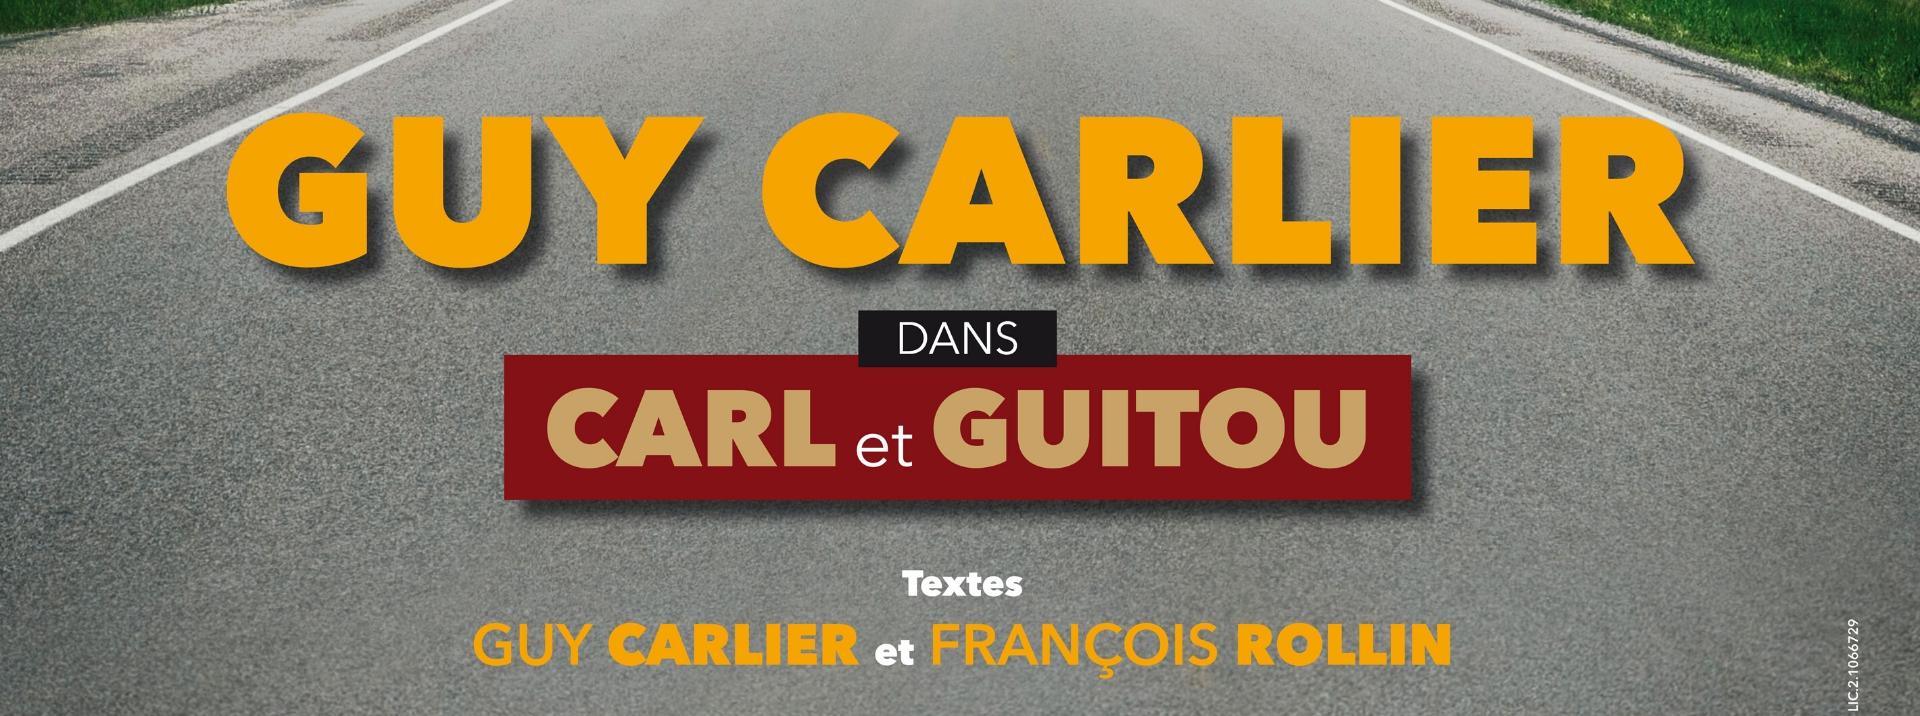 Guy Carlier au théâtre à Nantes.